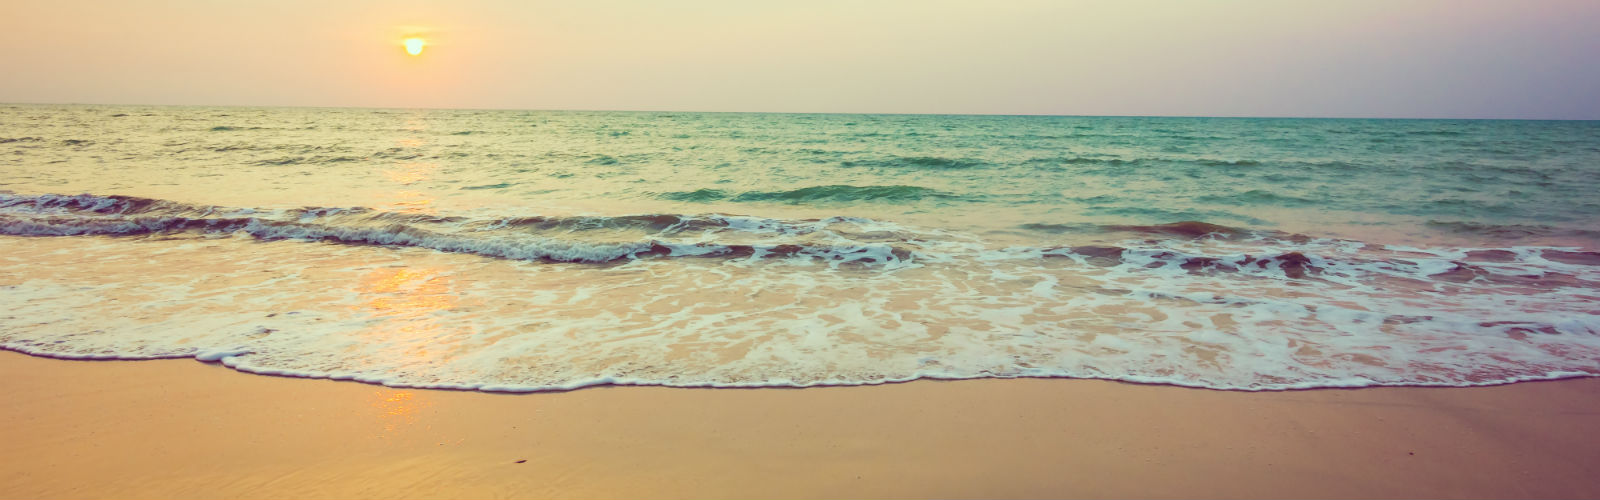 akcesoria na plażę